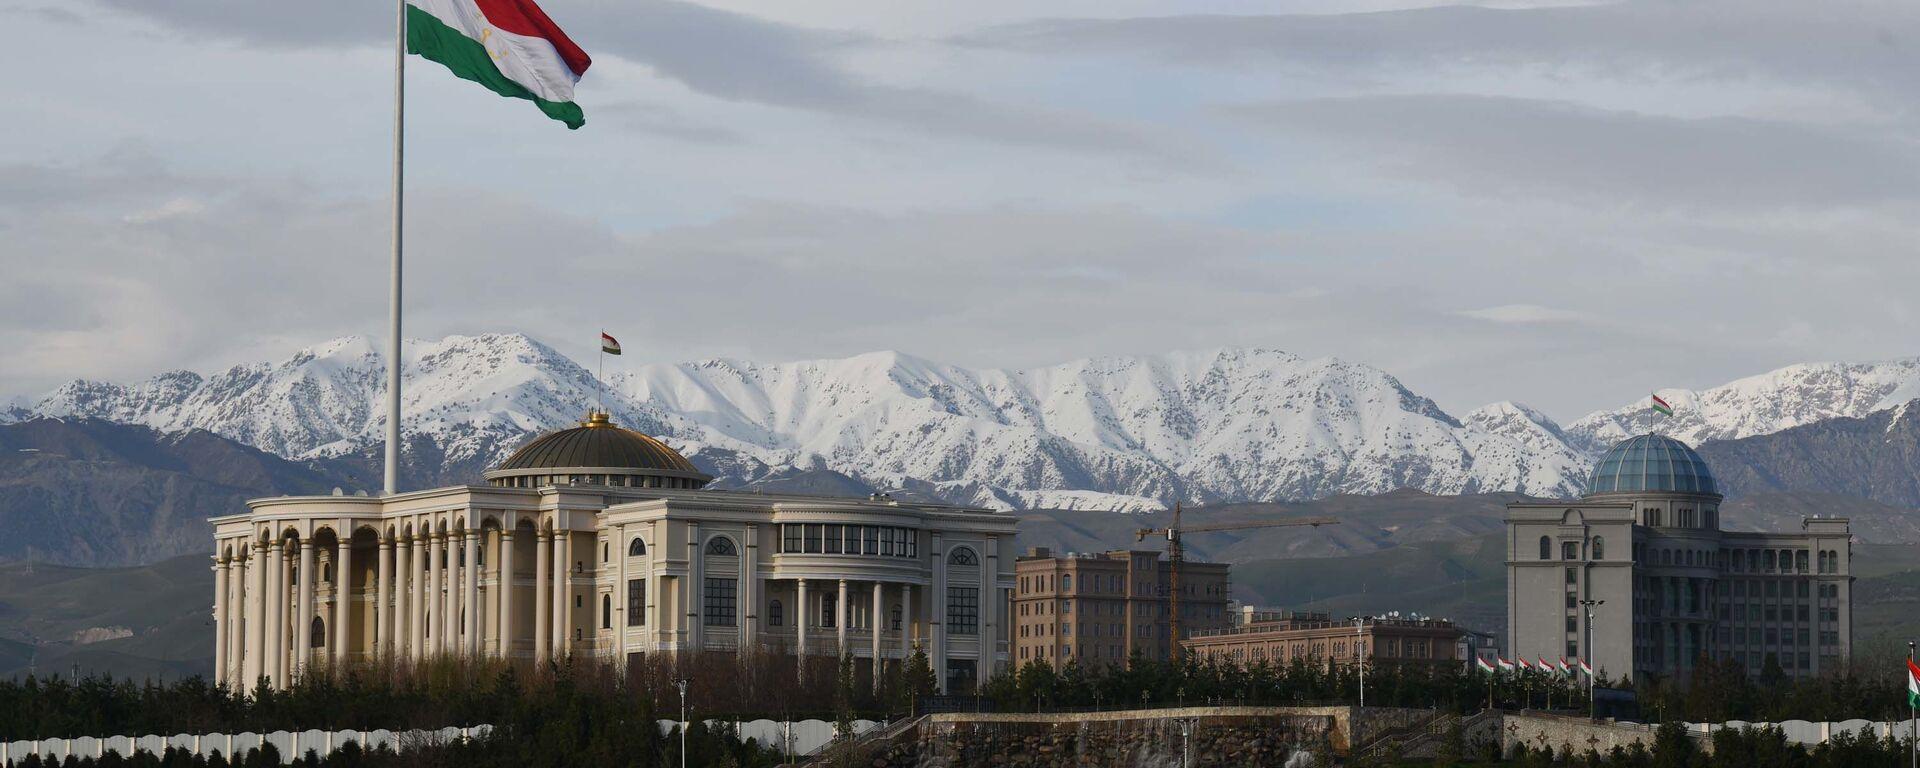 Здание правительства Республики Таджикистан в Душанбе - Sputnik Тоҷикистон, 1920, 09.09.2021